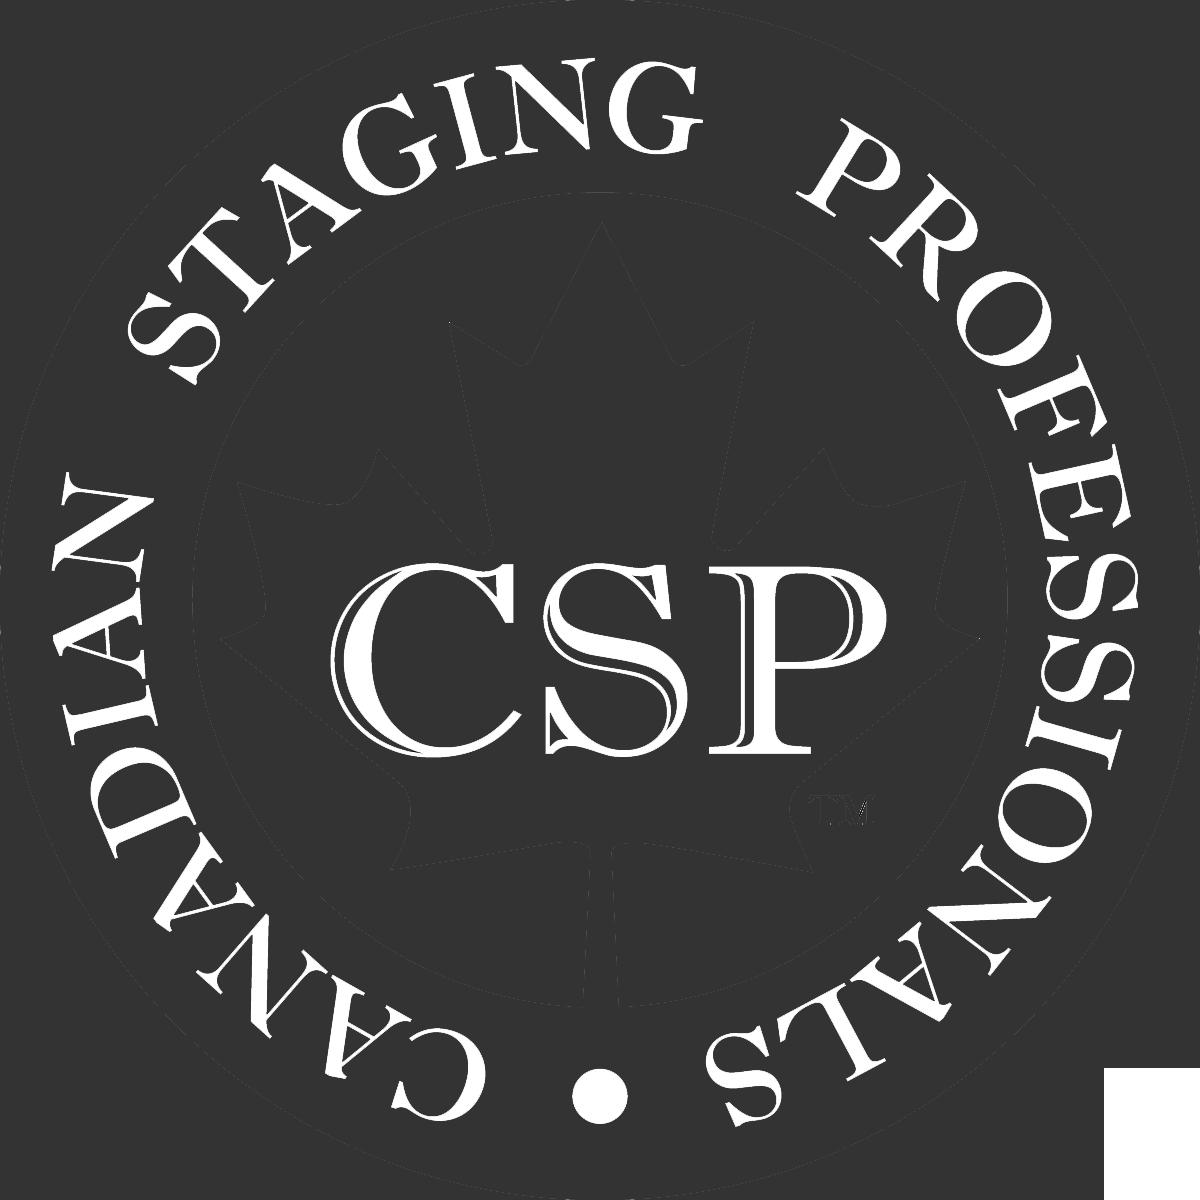 CSP_logo_bw.png